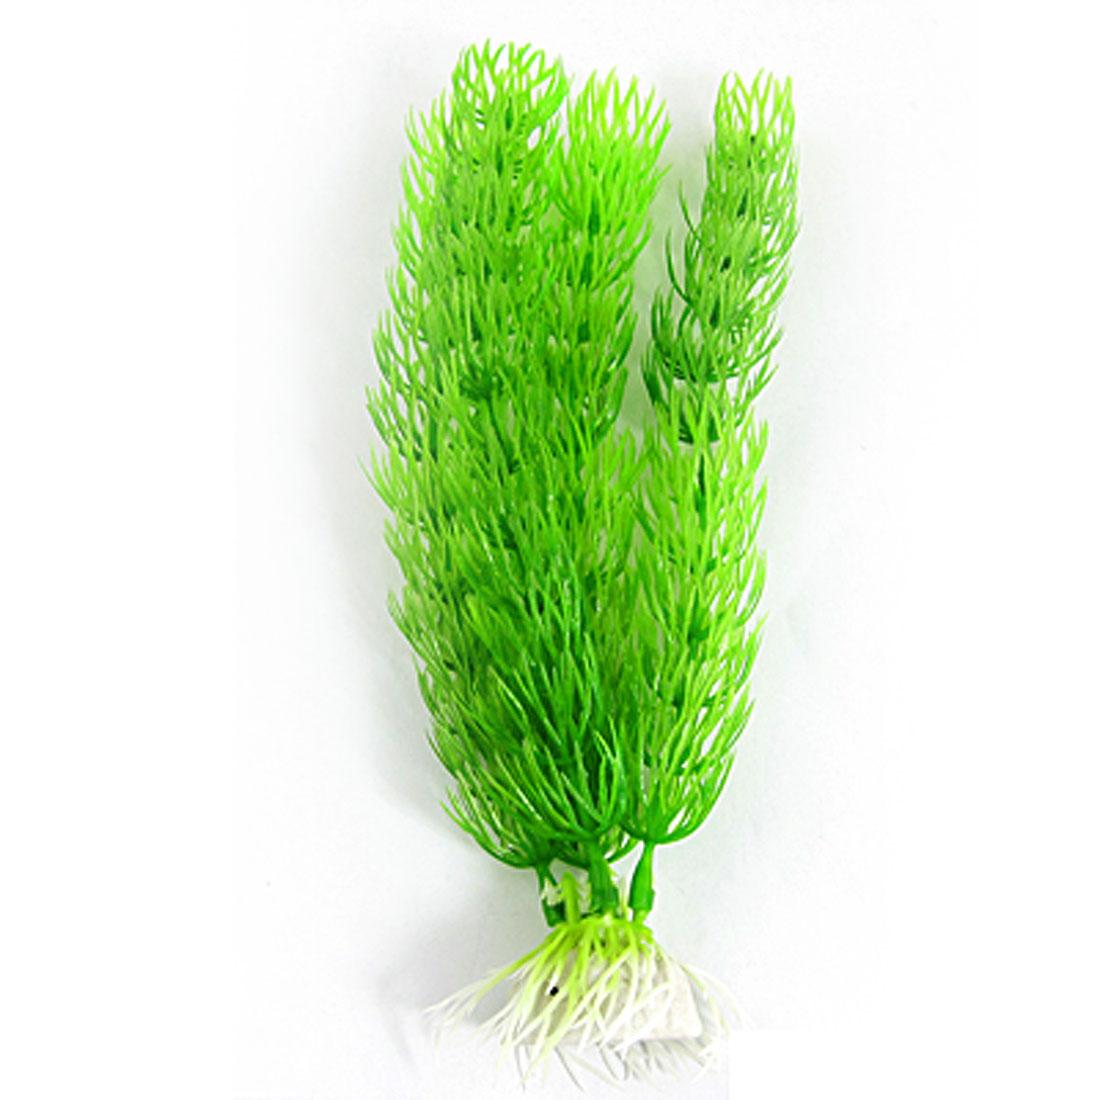 Artificial Green Plastic Plants for Aquarium Fish Tank Ornament